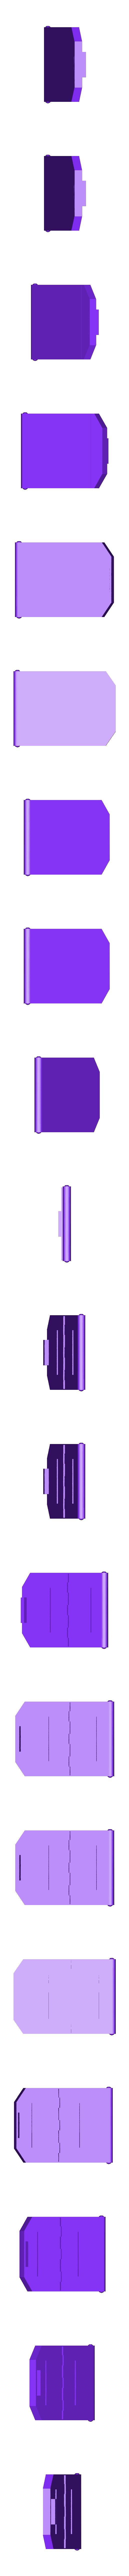 Revised_Door_X_1.stl Télécharger fichier STL gratuit Mech Dropship 2.0 • Design imprimable en 3D, mrhers2